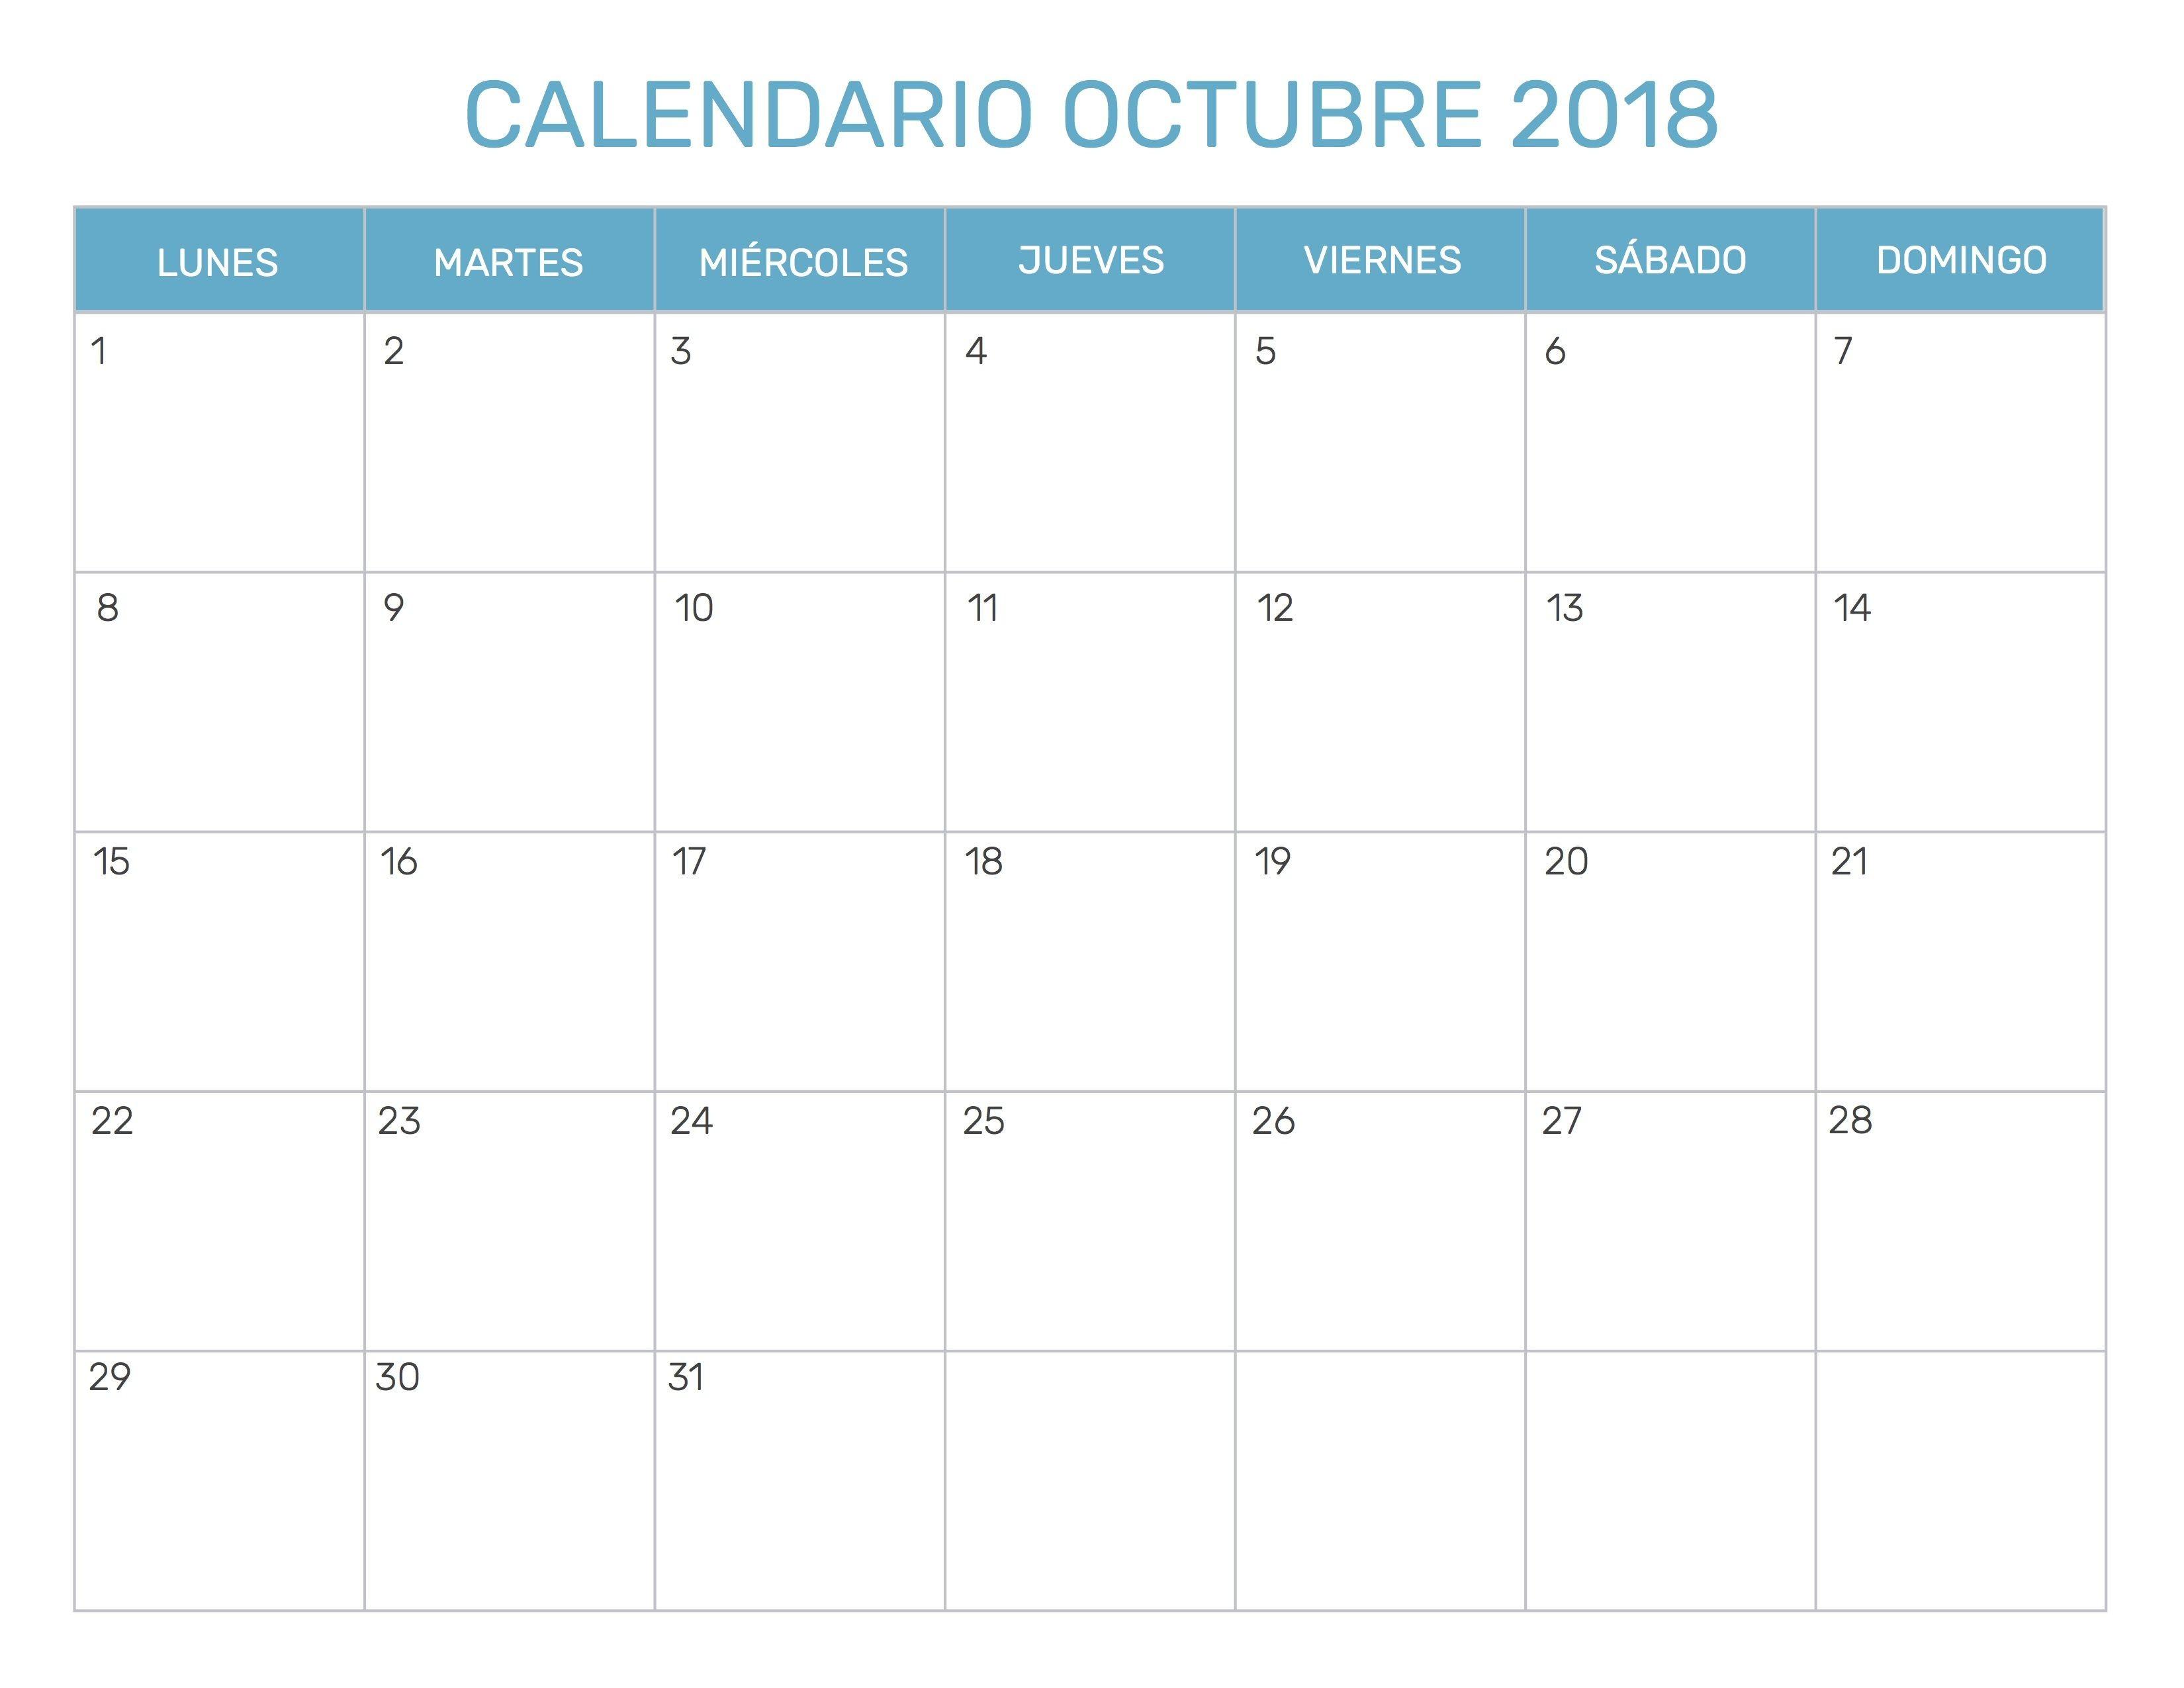 Hoja De Calendario Noviembre 2017 Para Imprimir Más Actual Best Calendario Del Mes De Octubre Image Collection Of Hoja De Calendario Noviembre 2017 Para Imprimir Más Actual Primer Da De Clase Actividad todo sobre Mi Diferentes Modelos